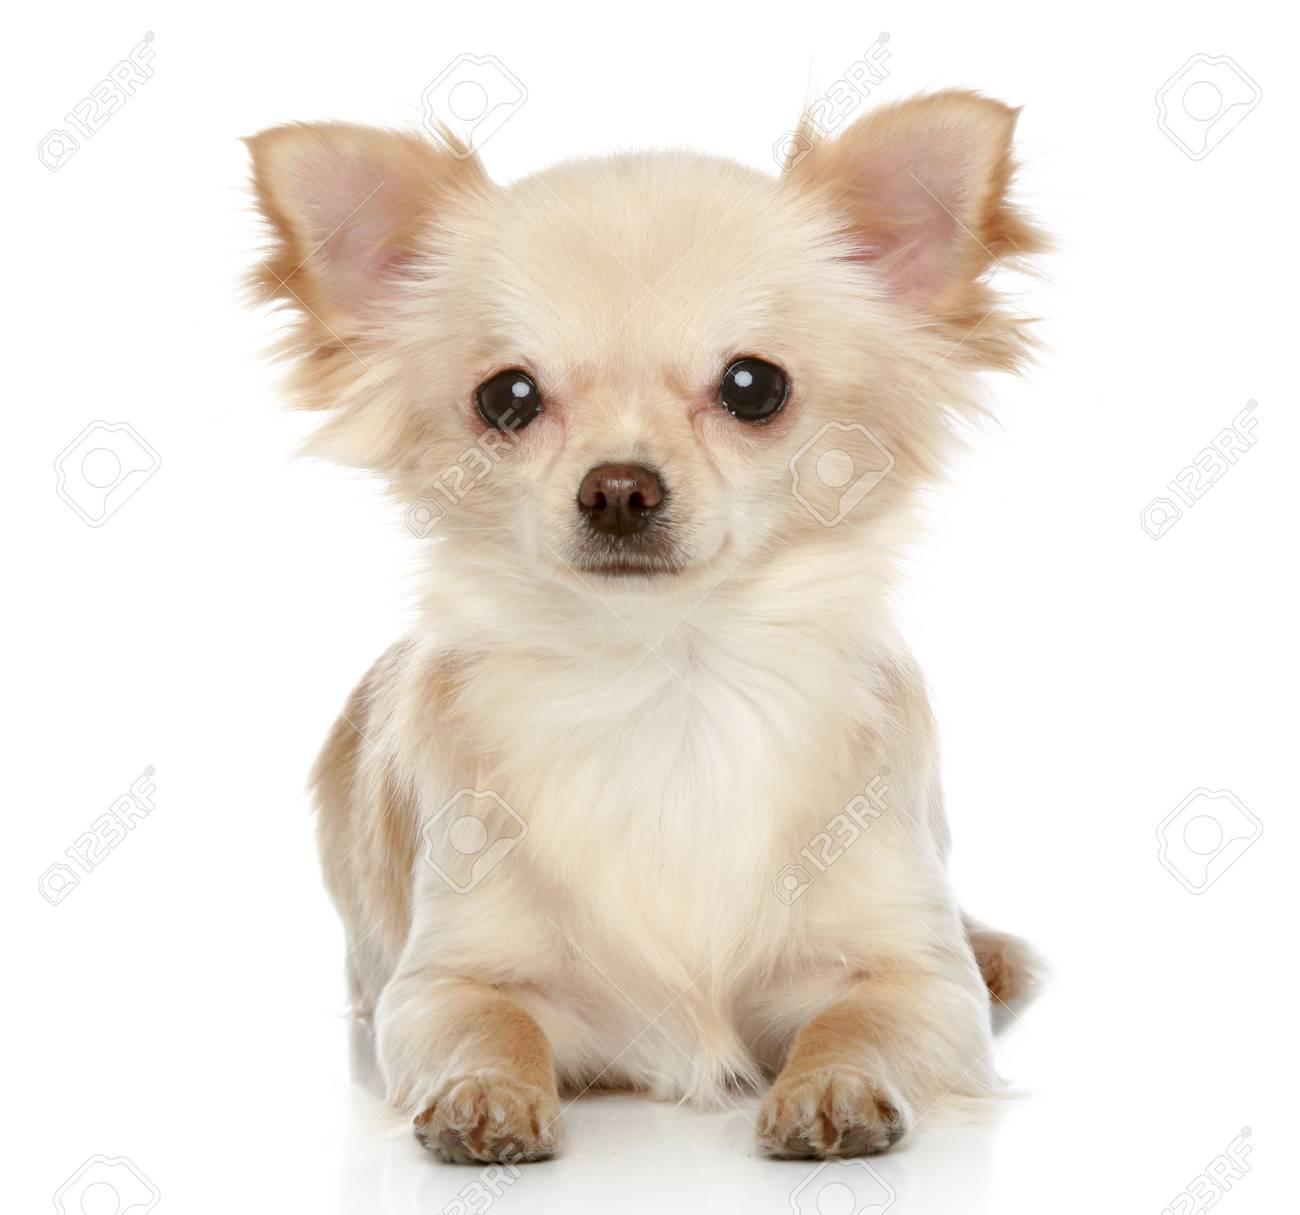 ロングコート チワワの子犬が白の背景にあります。